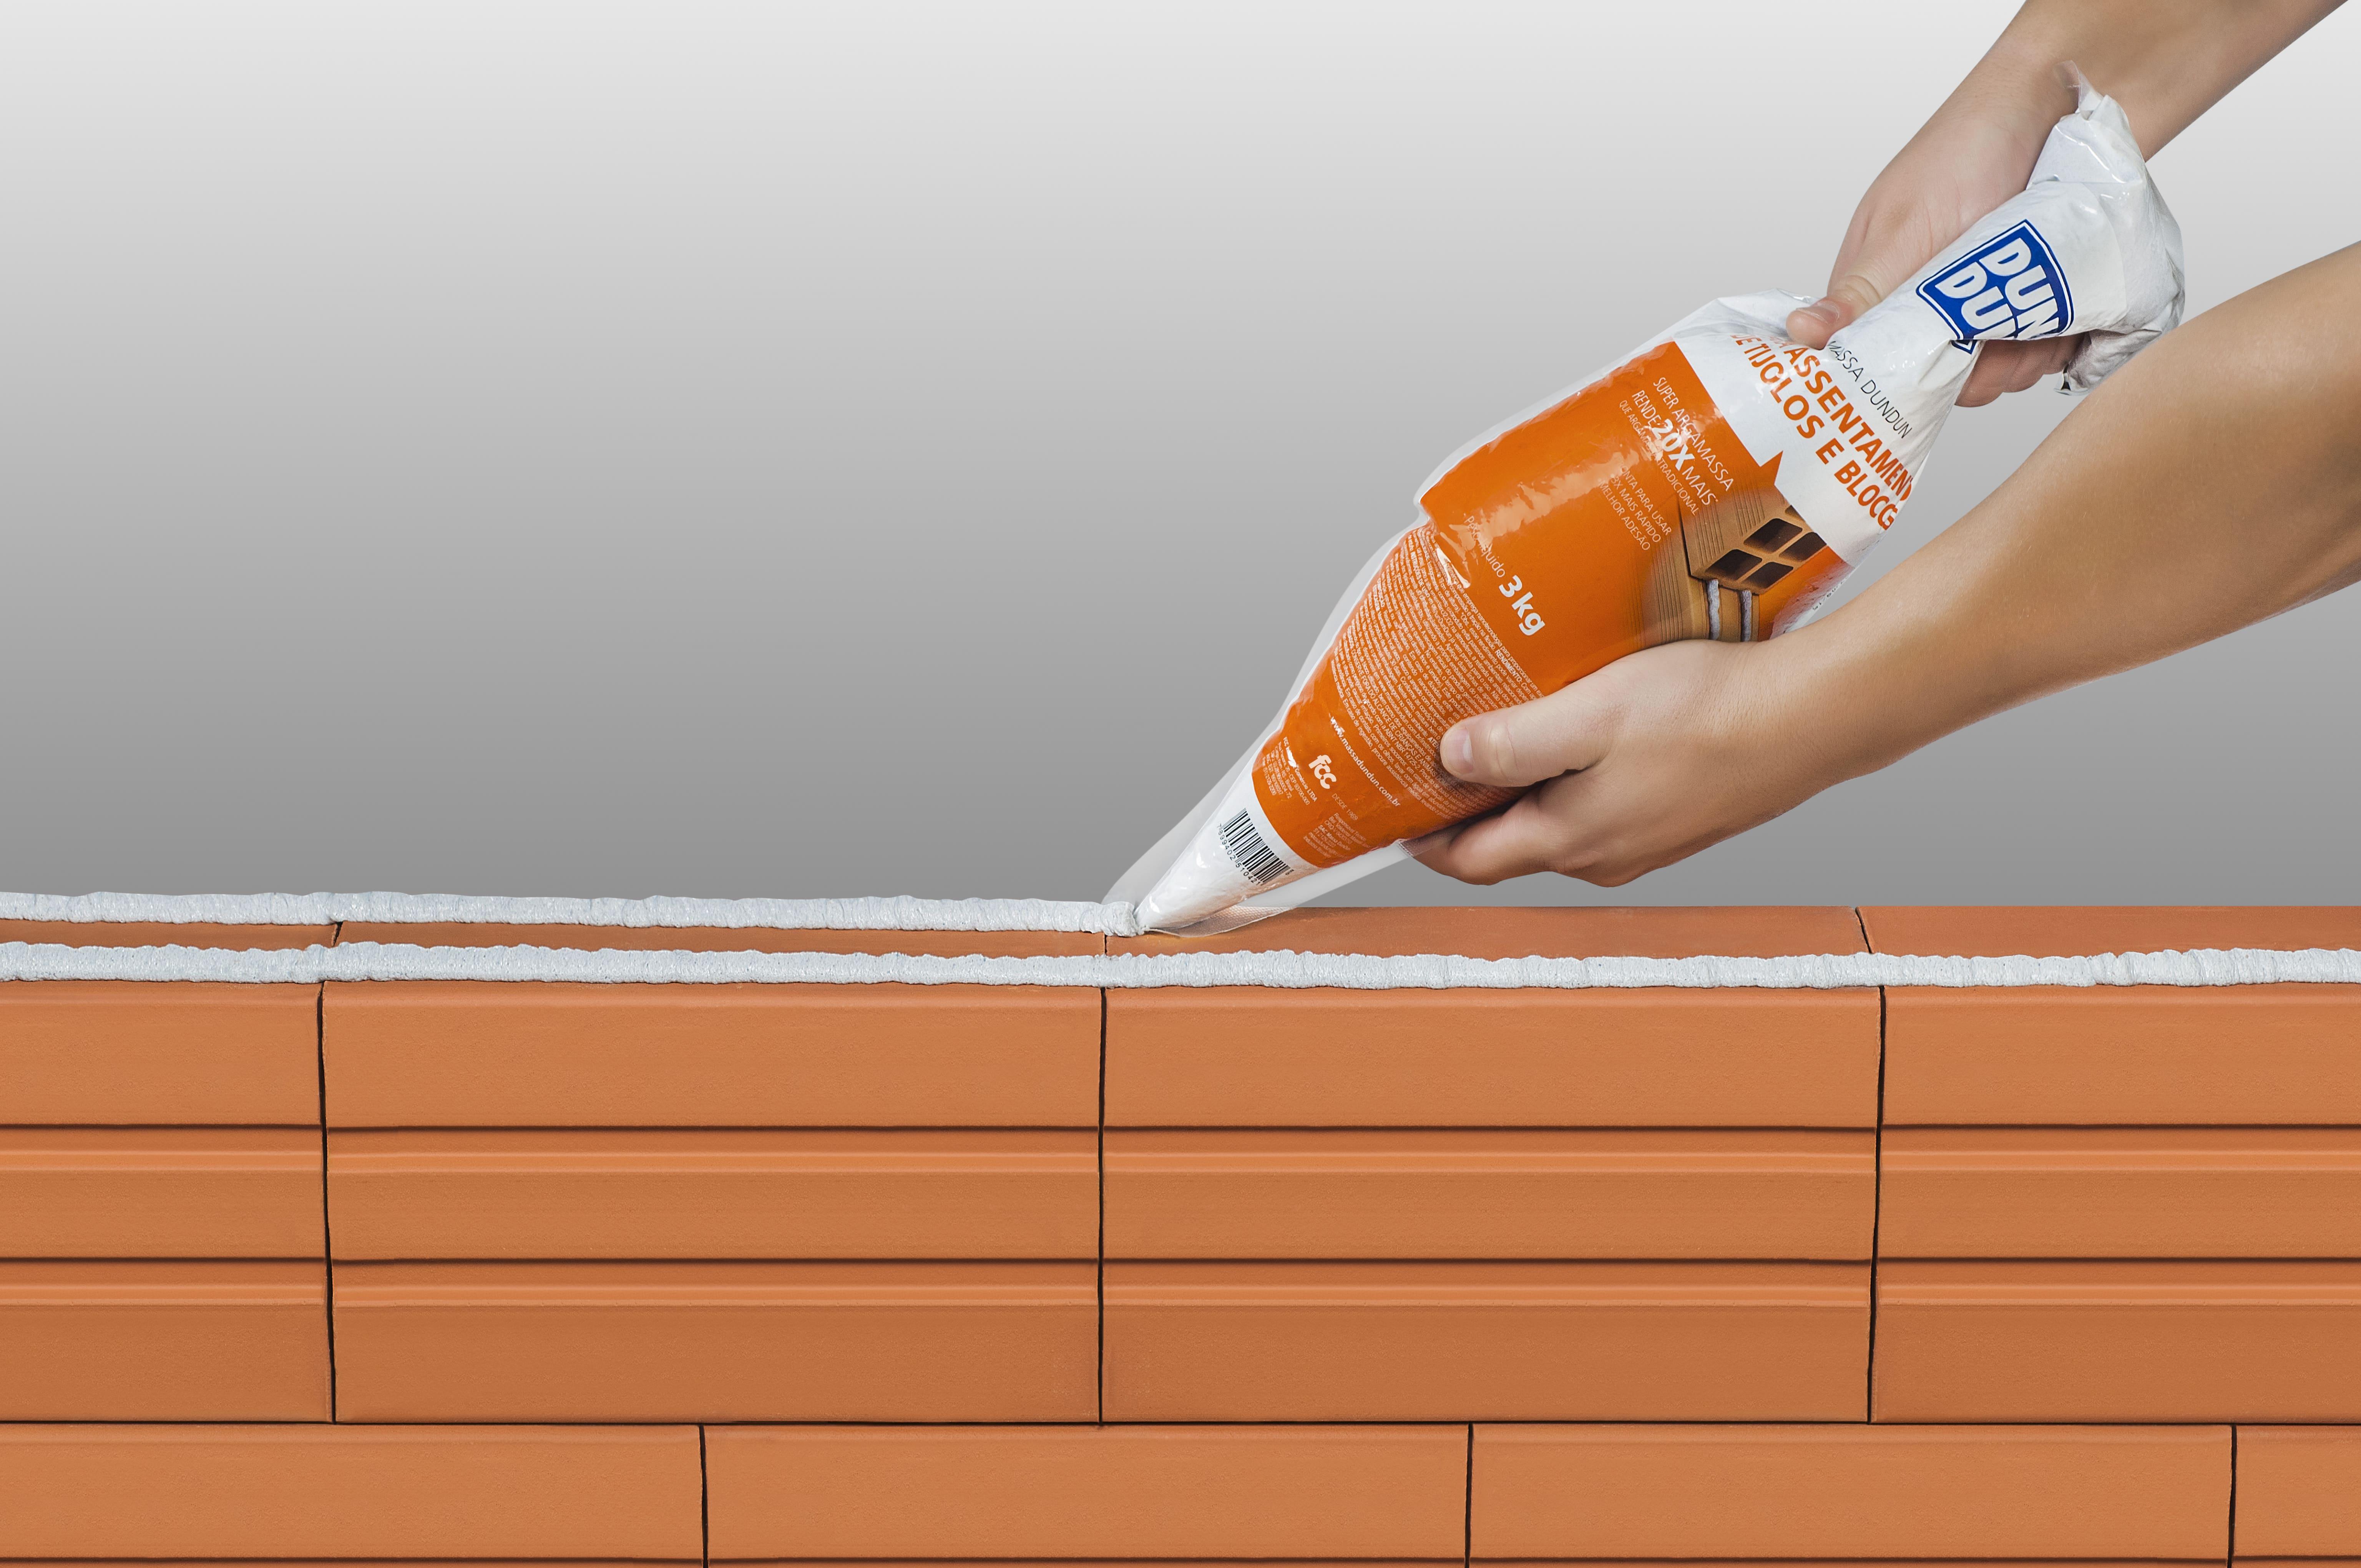 Argamassa Polimérica - Inovação na Construção Civil